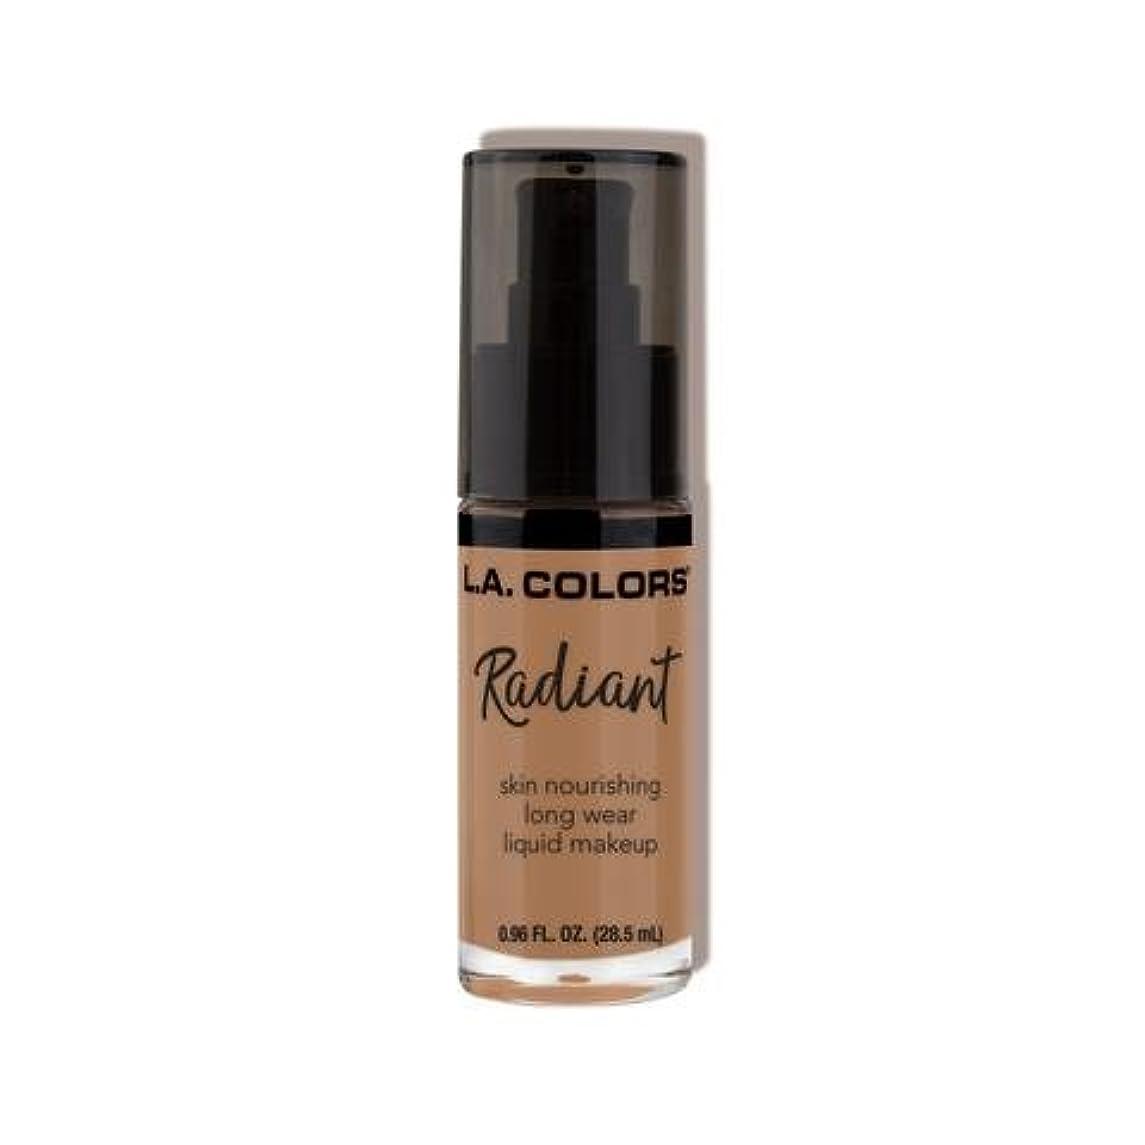 大腿インターネット注ぎます(3 Pack) L.A. COLORS Radiant Liquid Makeup - Creamy Cafe (並行輸入品)